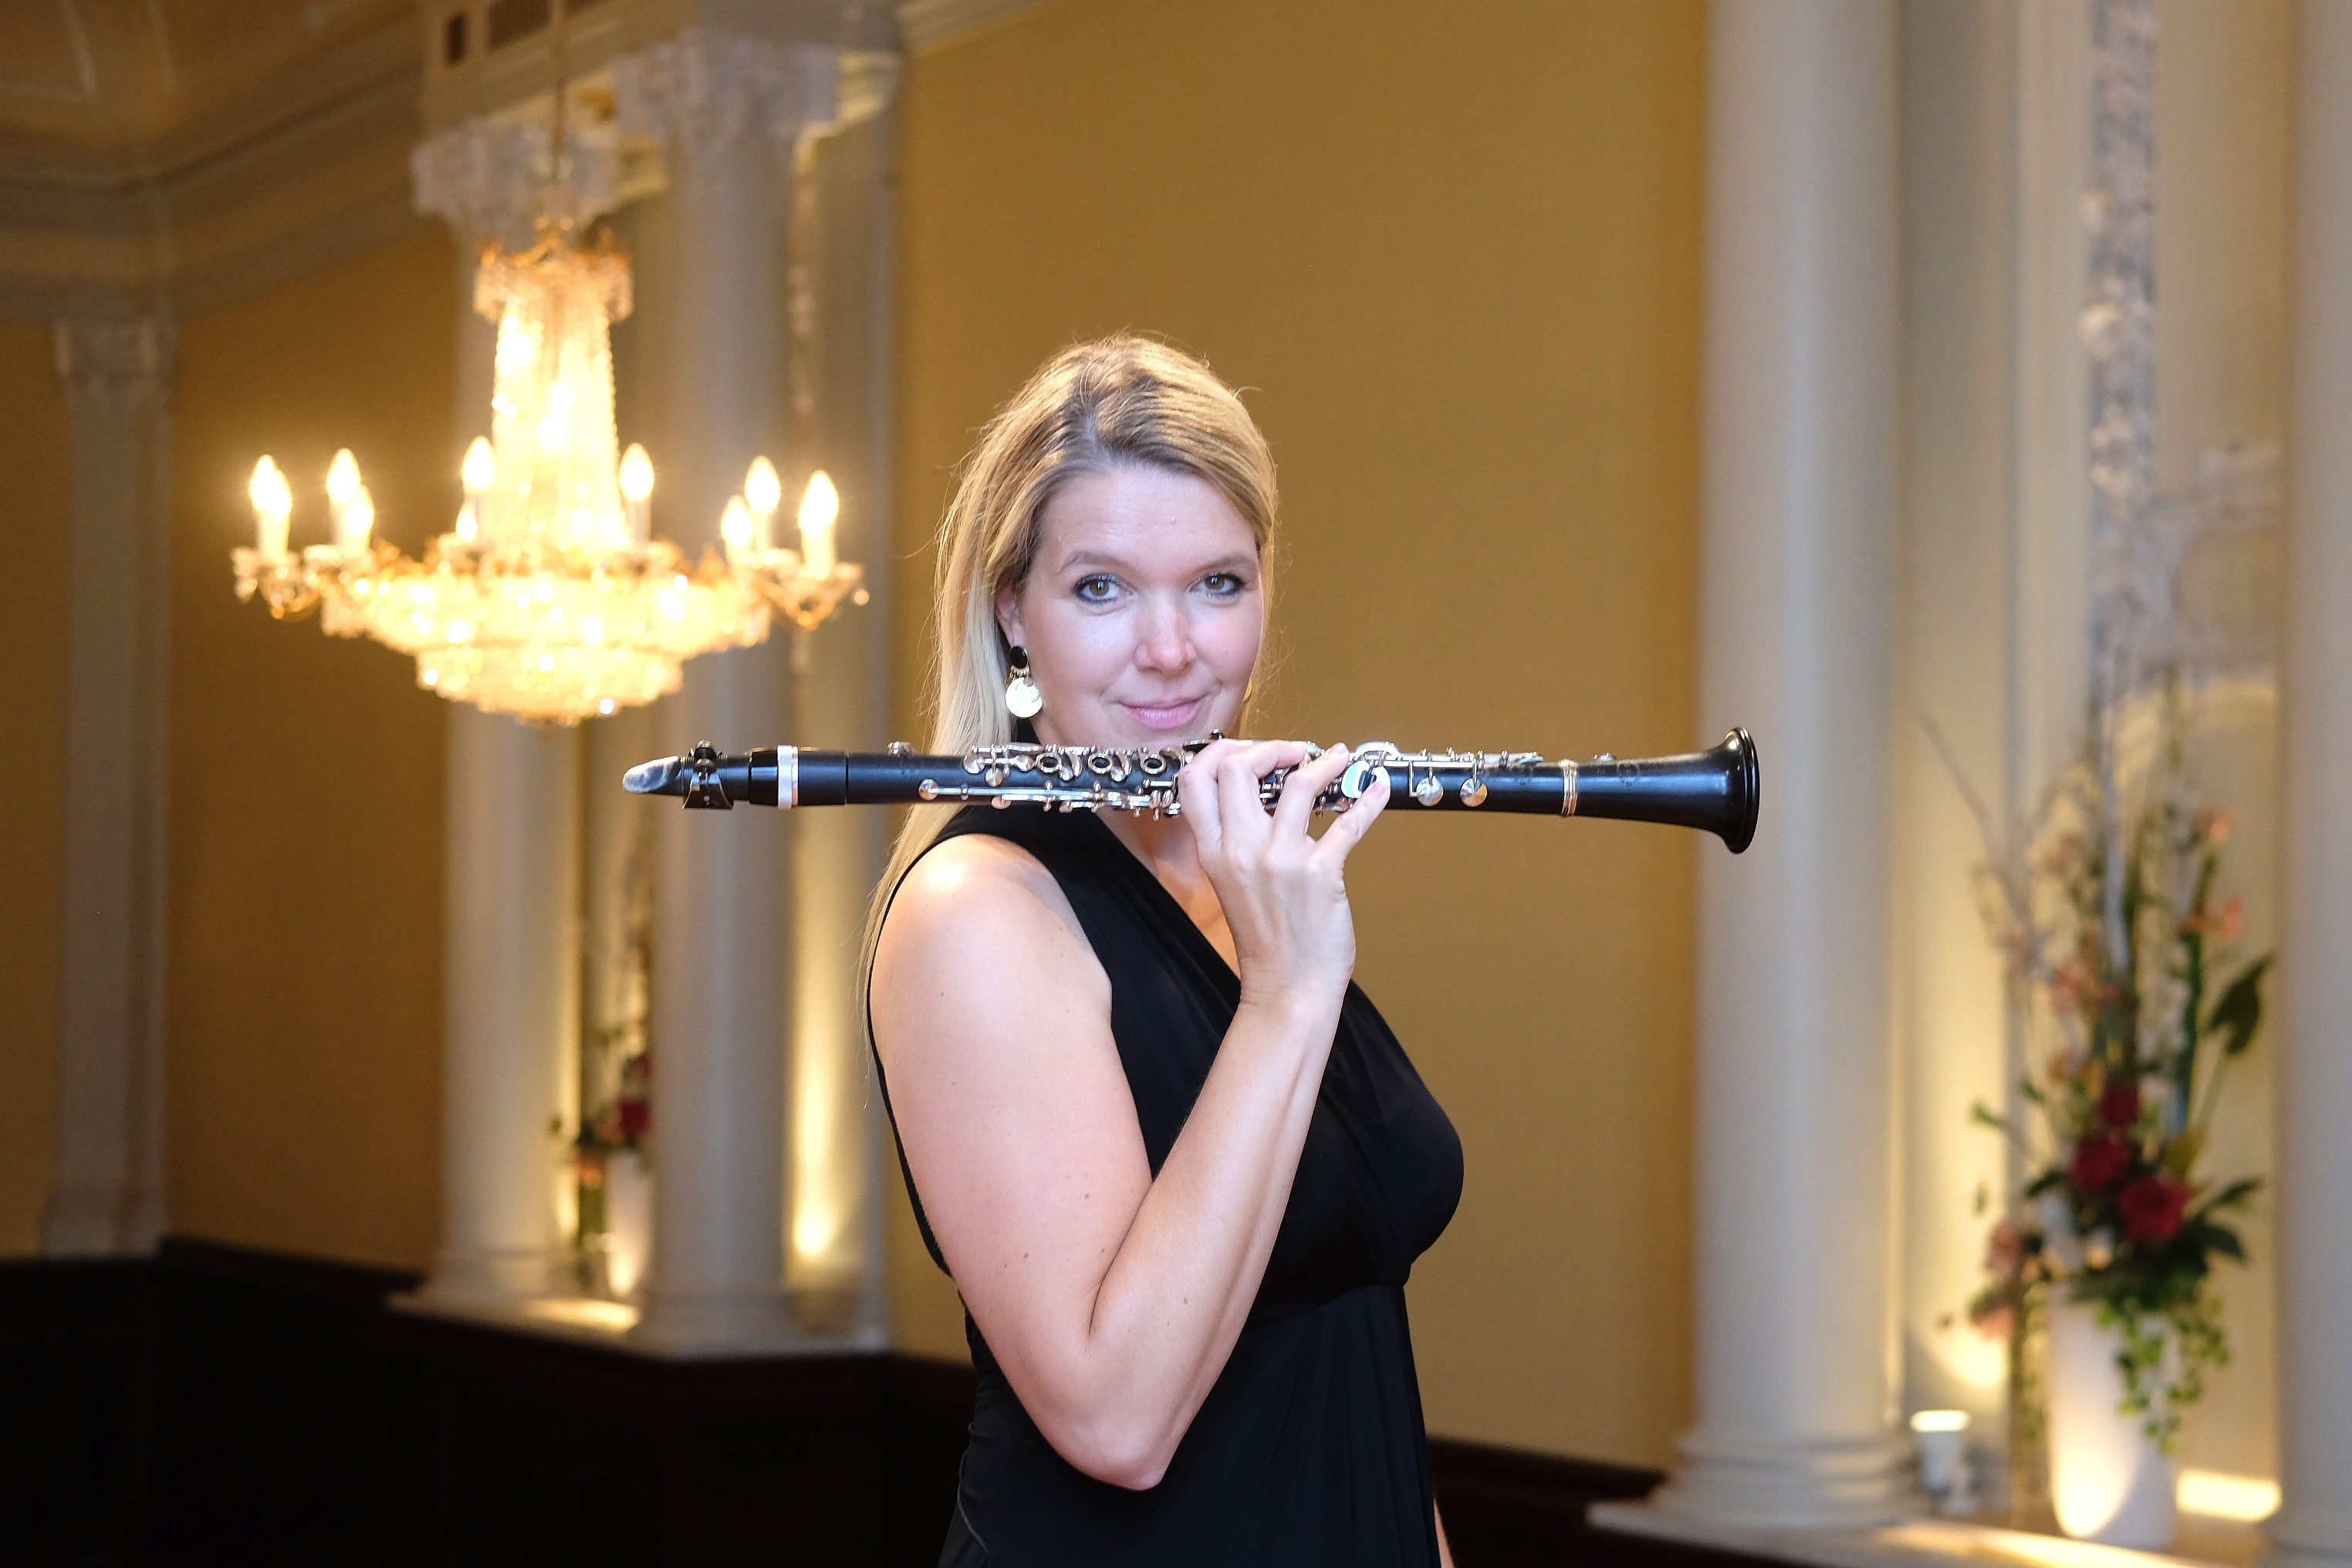 """Sabine Grofmeier mit ihrem """"Werkzeug"""" der Klarinette. In den Mozartsälen hat sie eine musikalische Reihe einmal im Monat, immer Sonntags, entwickelt"""